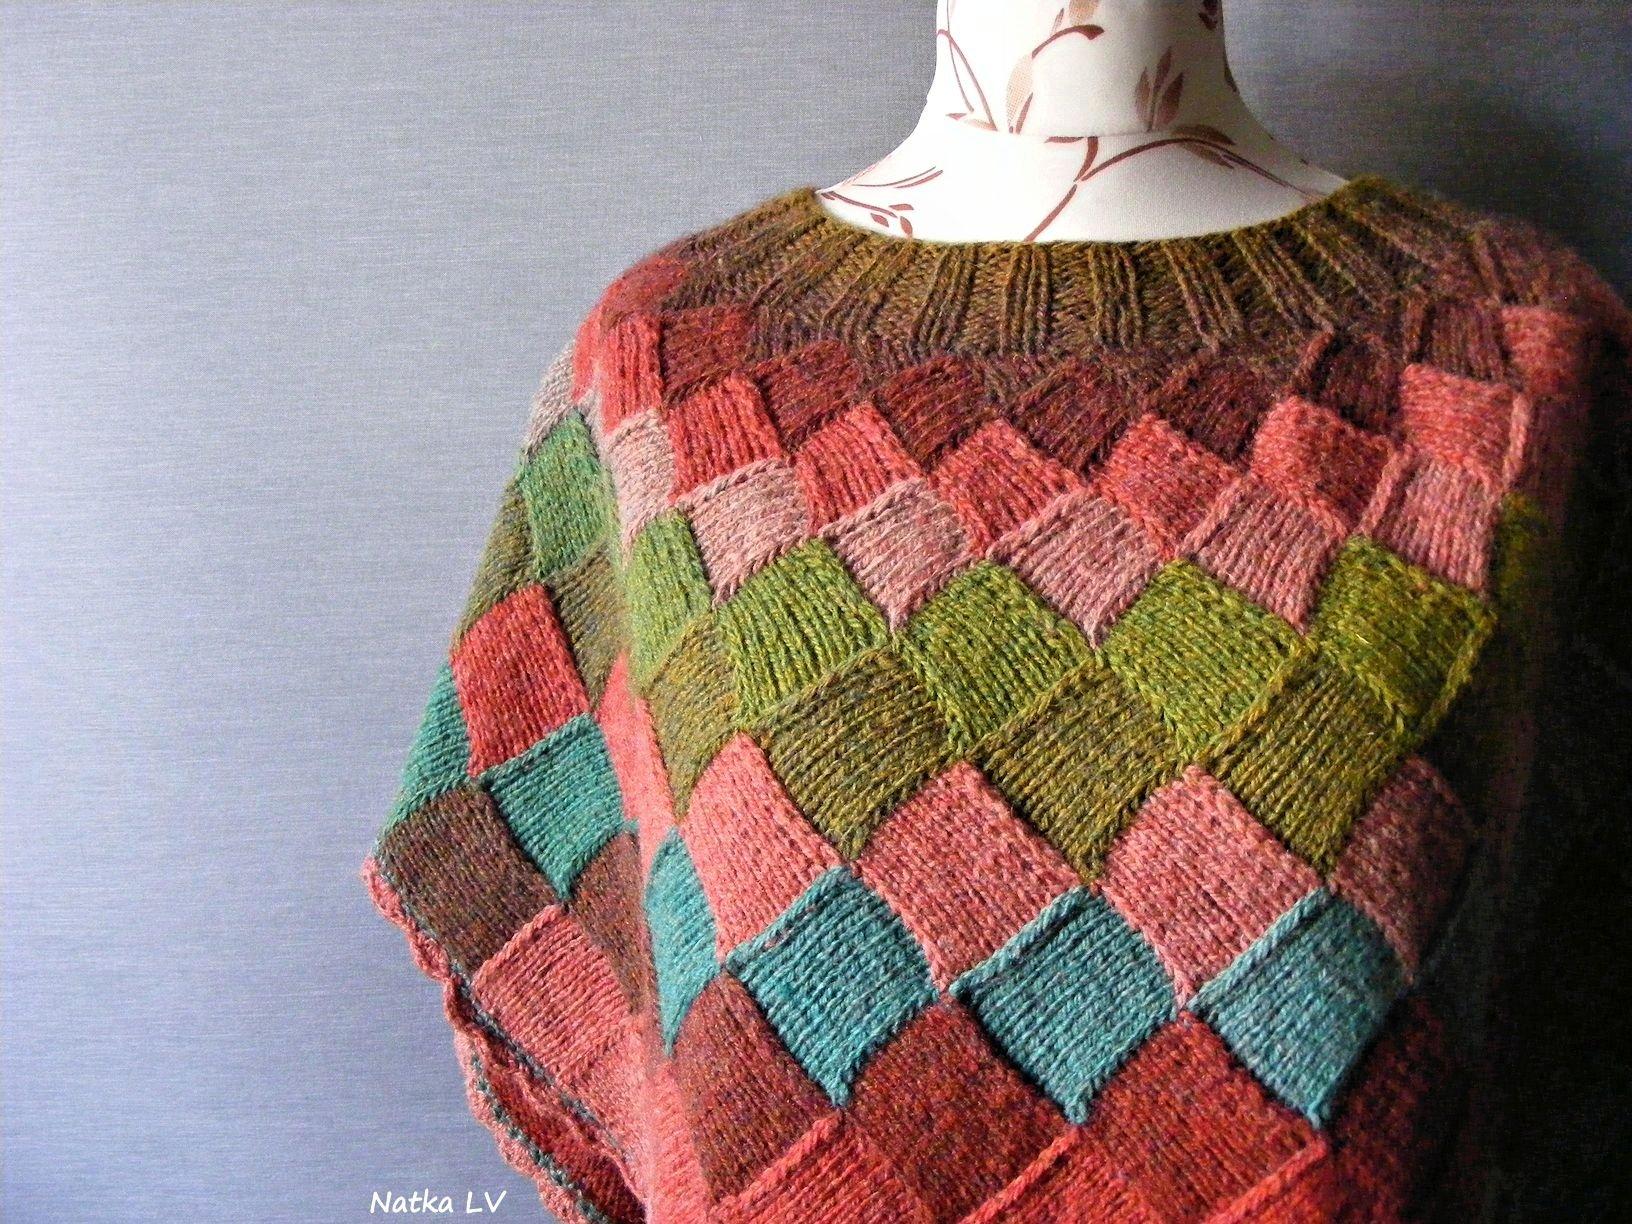 Knit wool poncho, womens knitted poncho, entrelac poncho, natural wool, boho bohemian knitwear, women plus size poncho, wool knit wrap